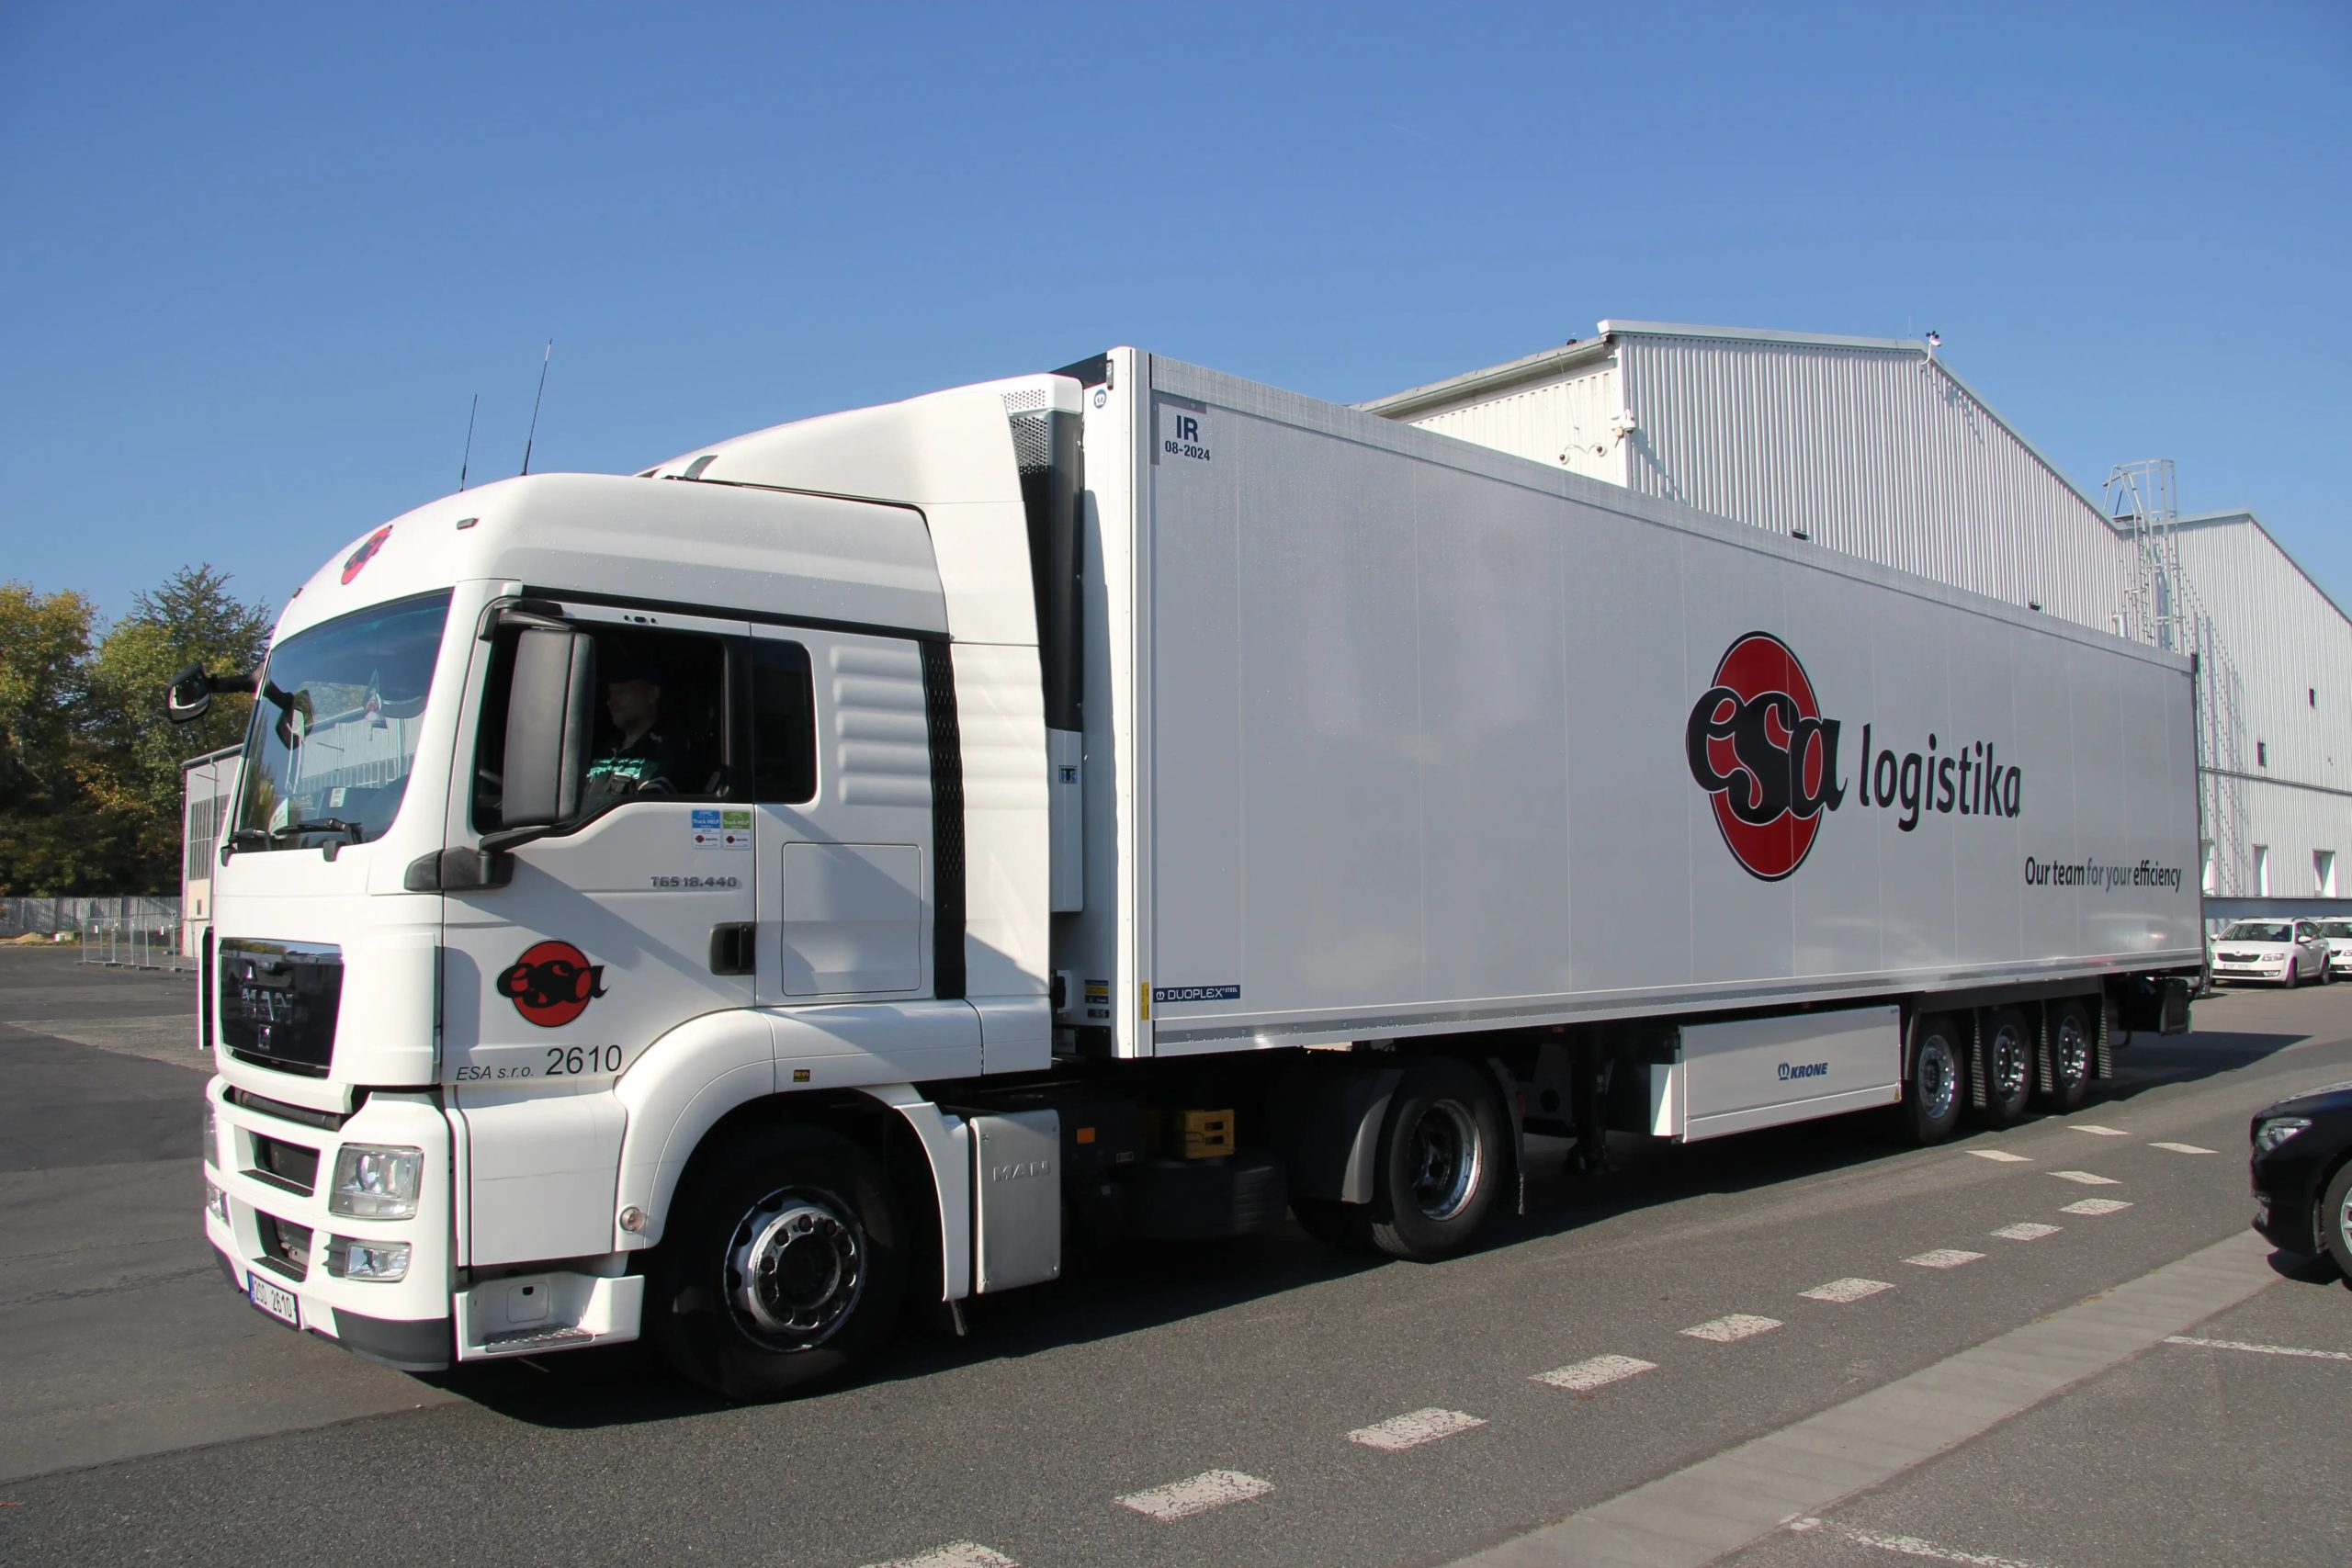 Rozwiązania transportowe, usługa transportowa FTL premium, transport drogowy, ciężarówka z logo ESA